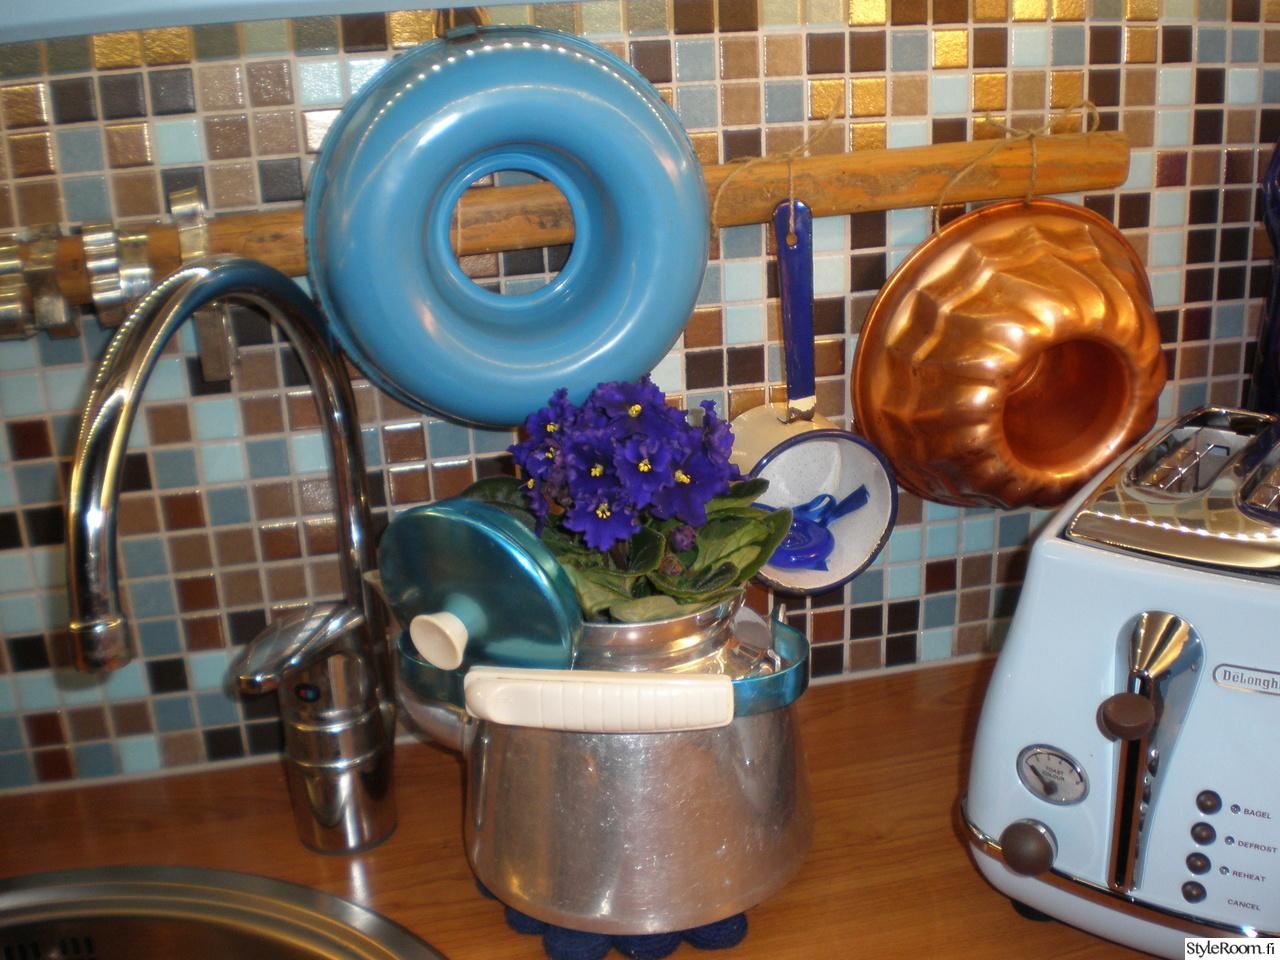 Pieni keittiö  Sisustuskuvia jäseneltä klipsi  StyleRoom